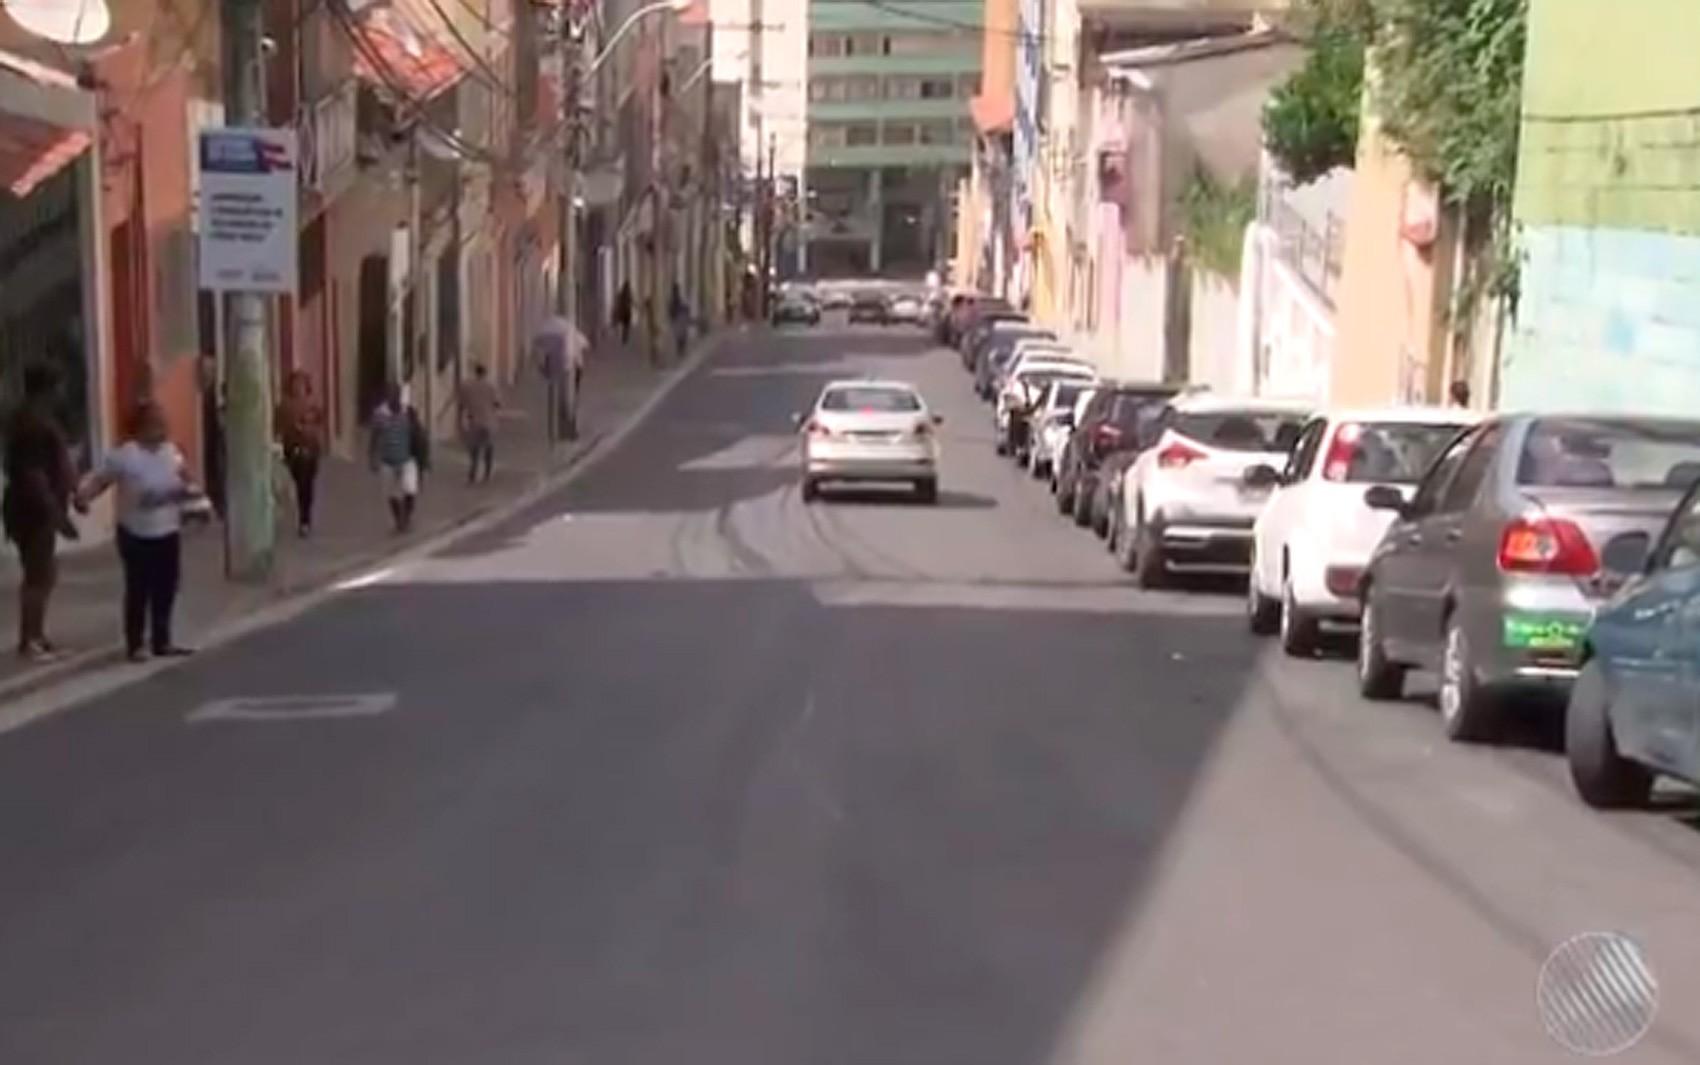 Nº de casos da Covid-19 cresce na Cidade Baixa; veja lista de bairros de Salvador com pessoas infectadas